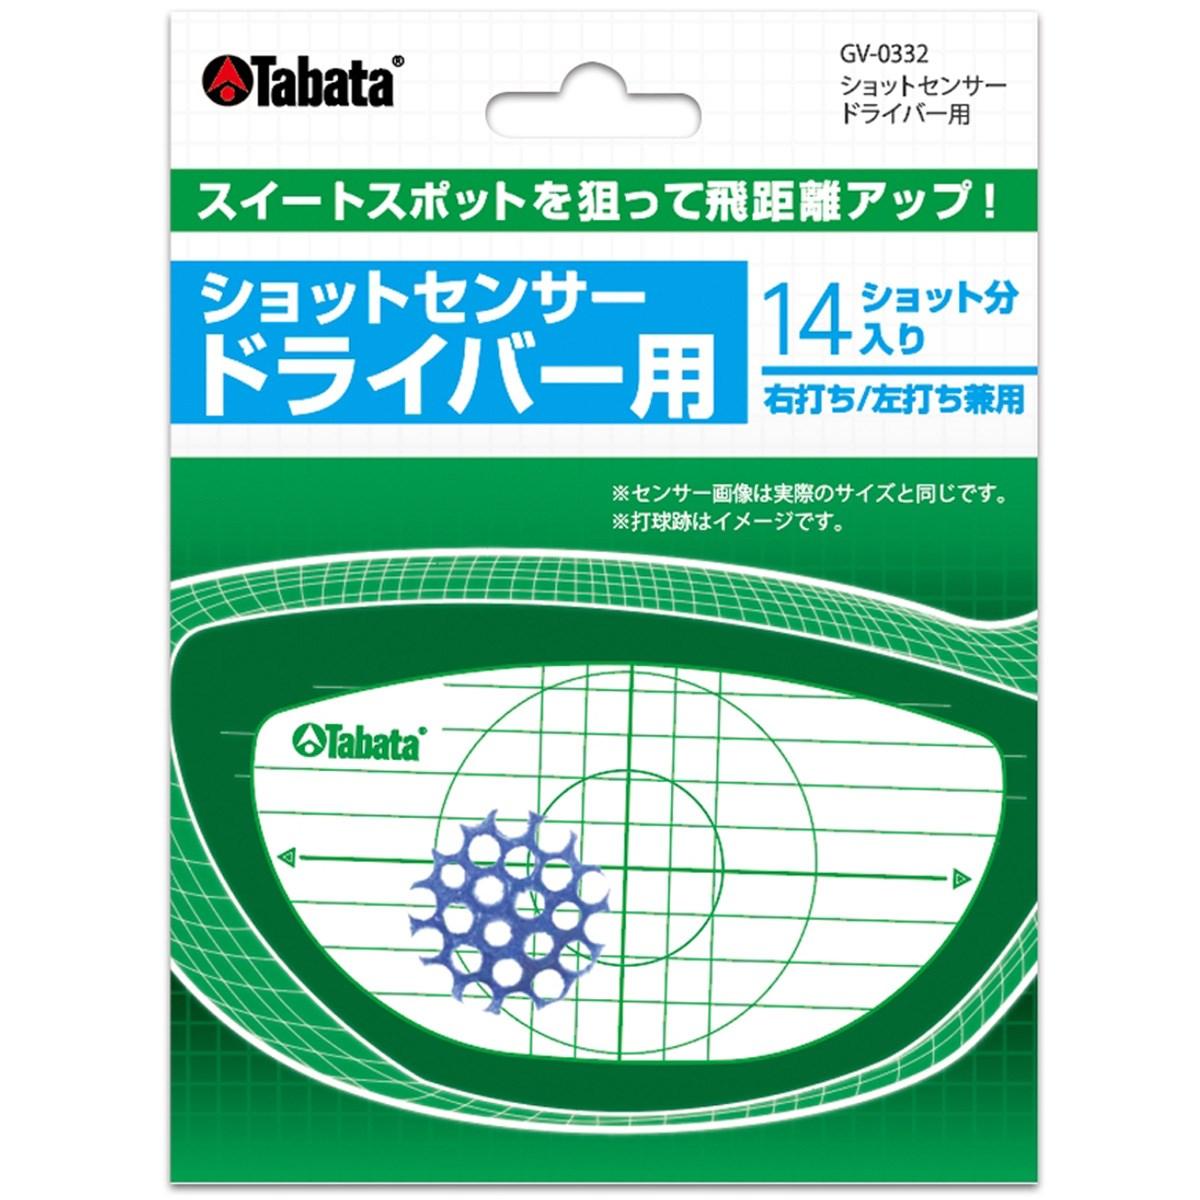 タバタ ショットセンサー ドライバー用 GV-0332